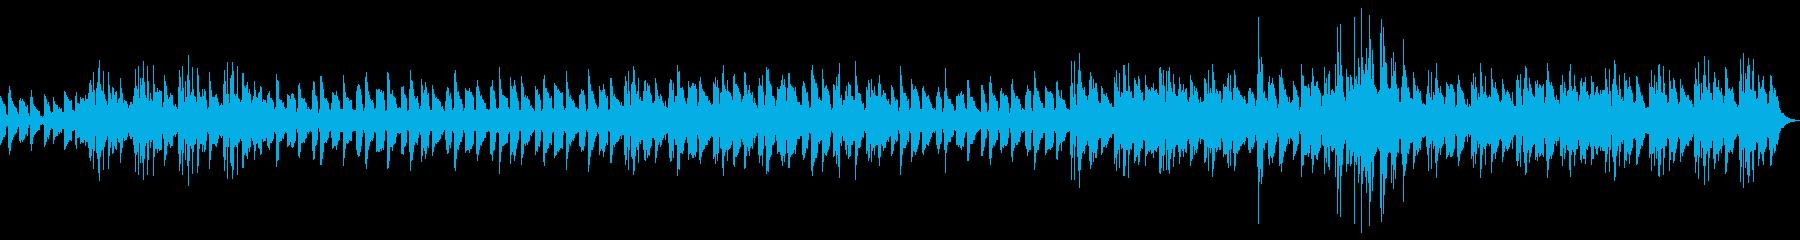 企業VP♪トロピカルハウスEDM♪CM夏の再生済みの波形